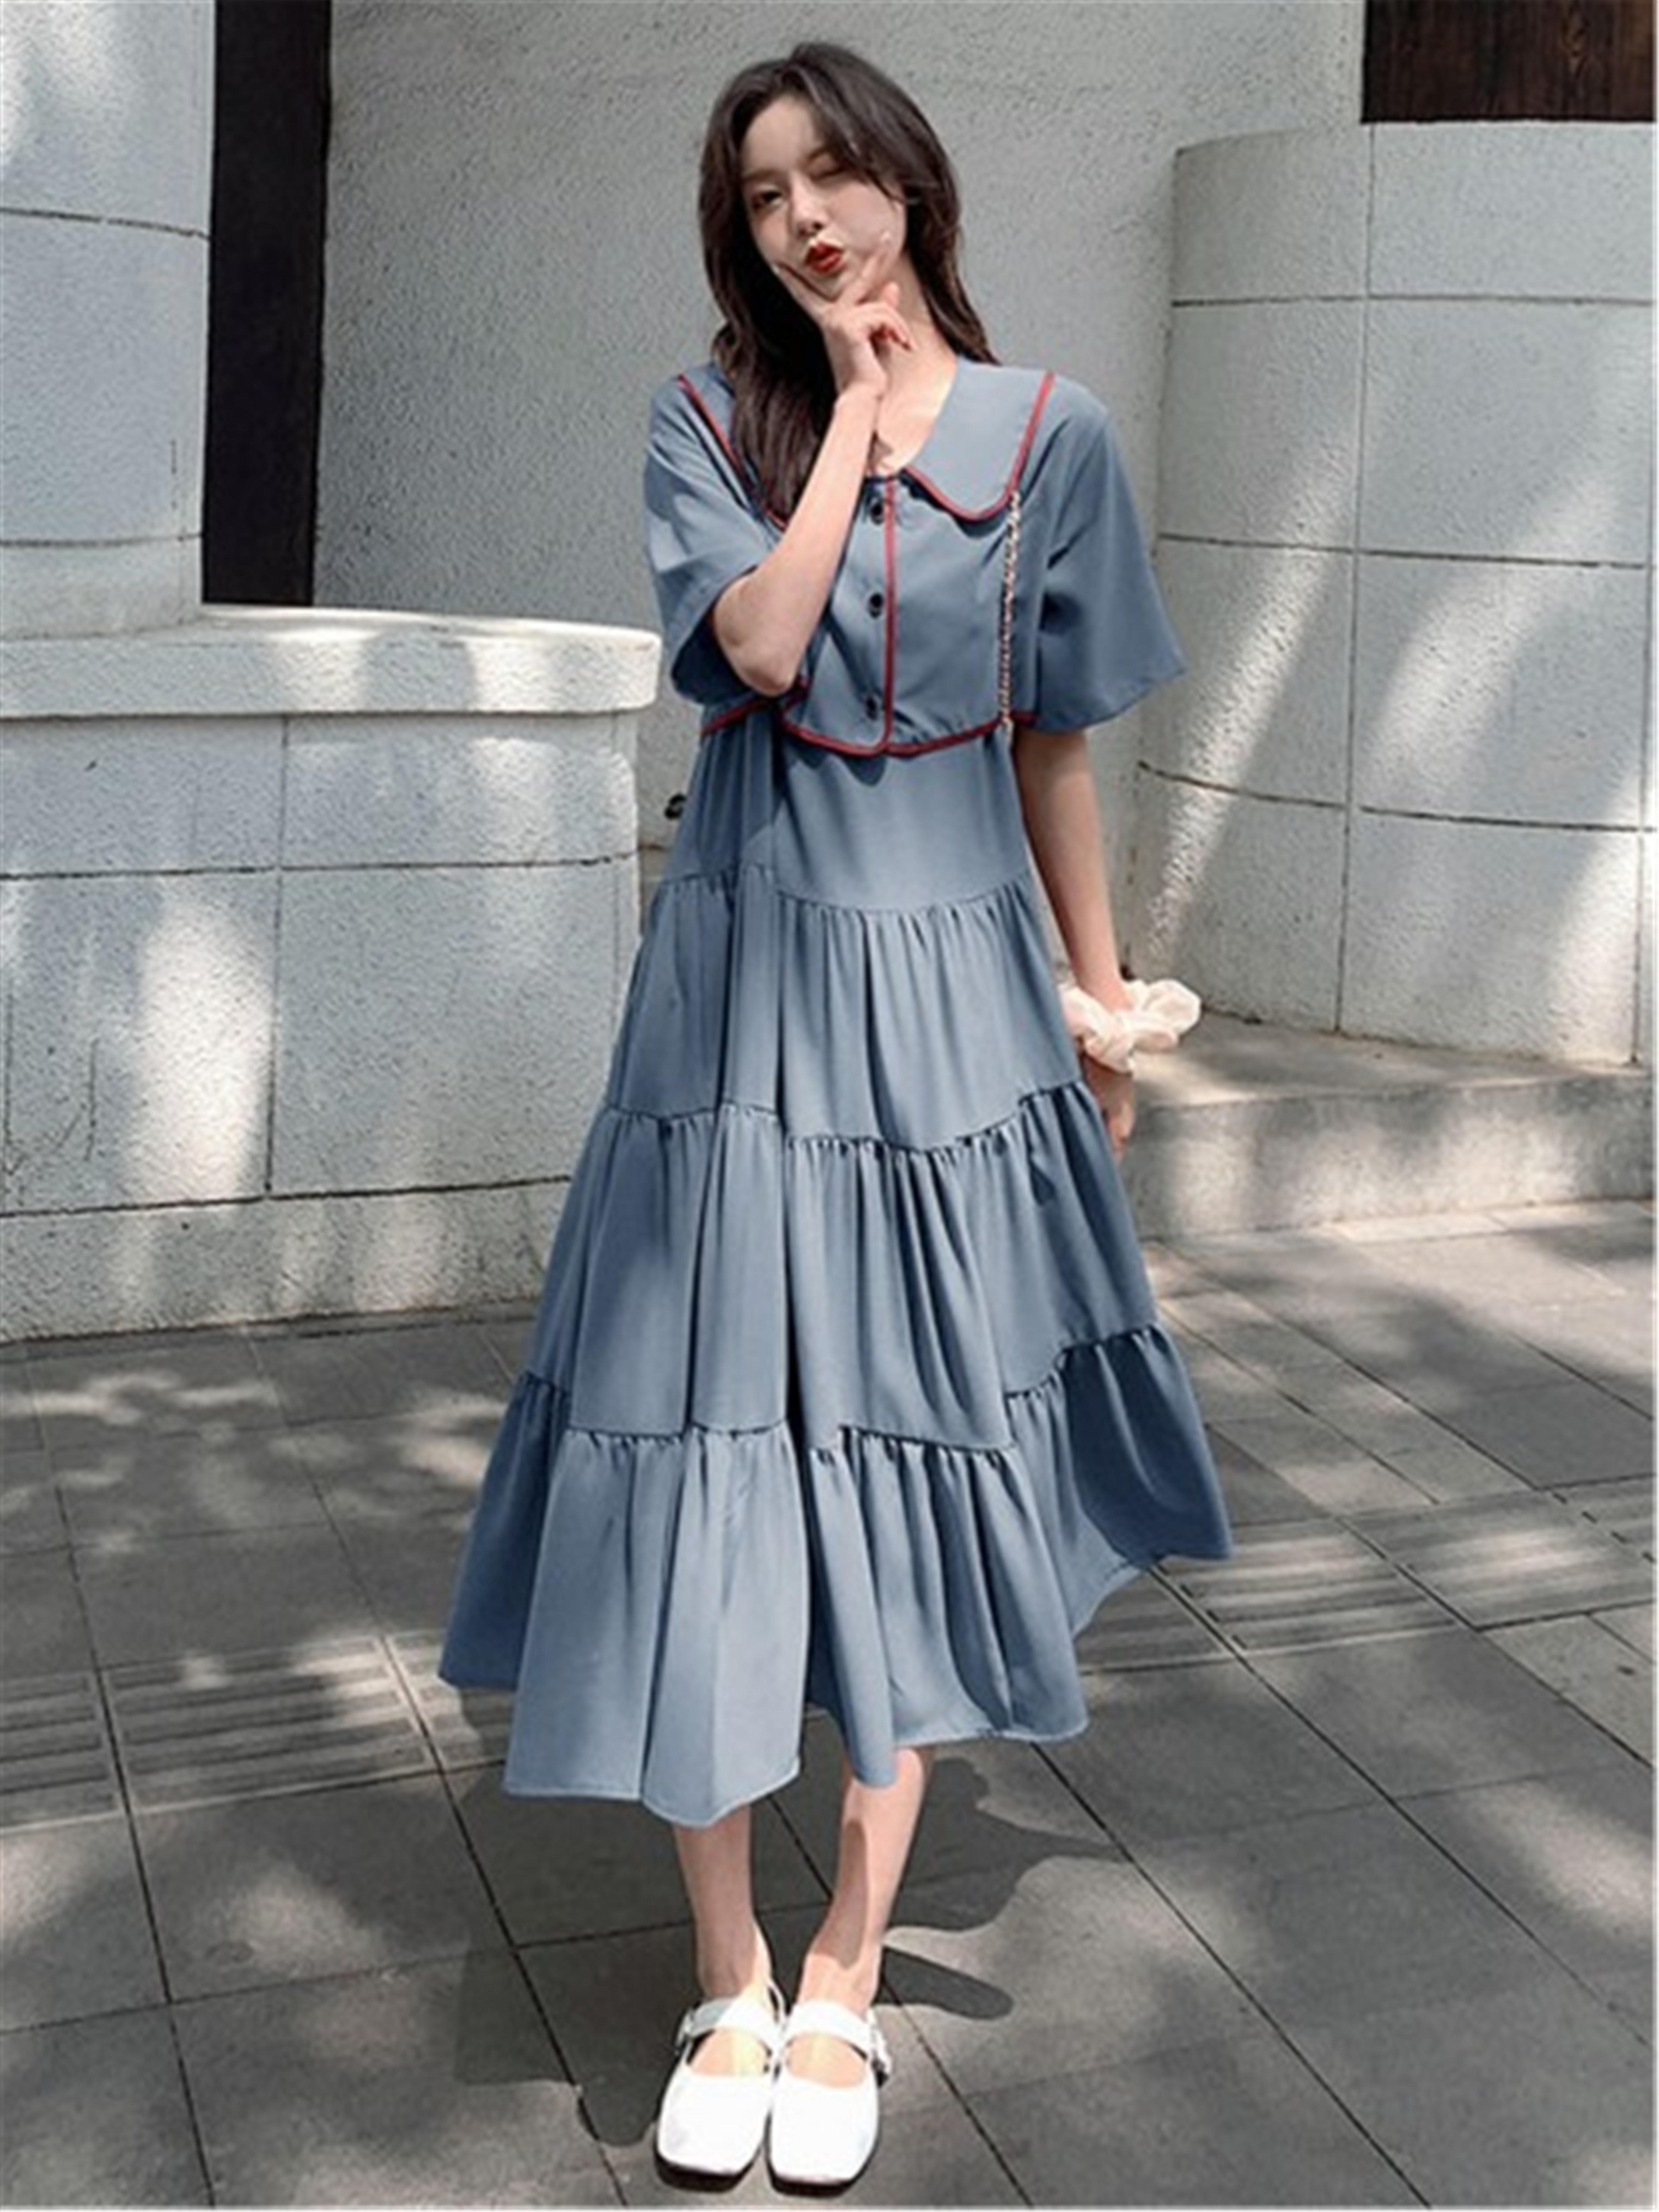 雪纺连衣裙女2020年新款夏长裙学生桔梗少女长款森系仙女裙子